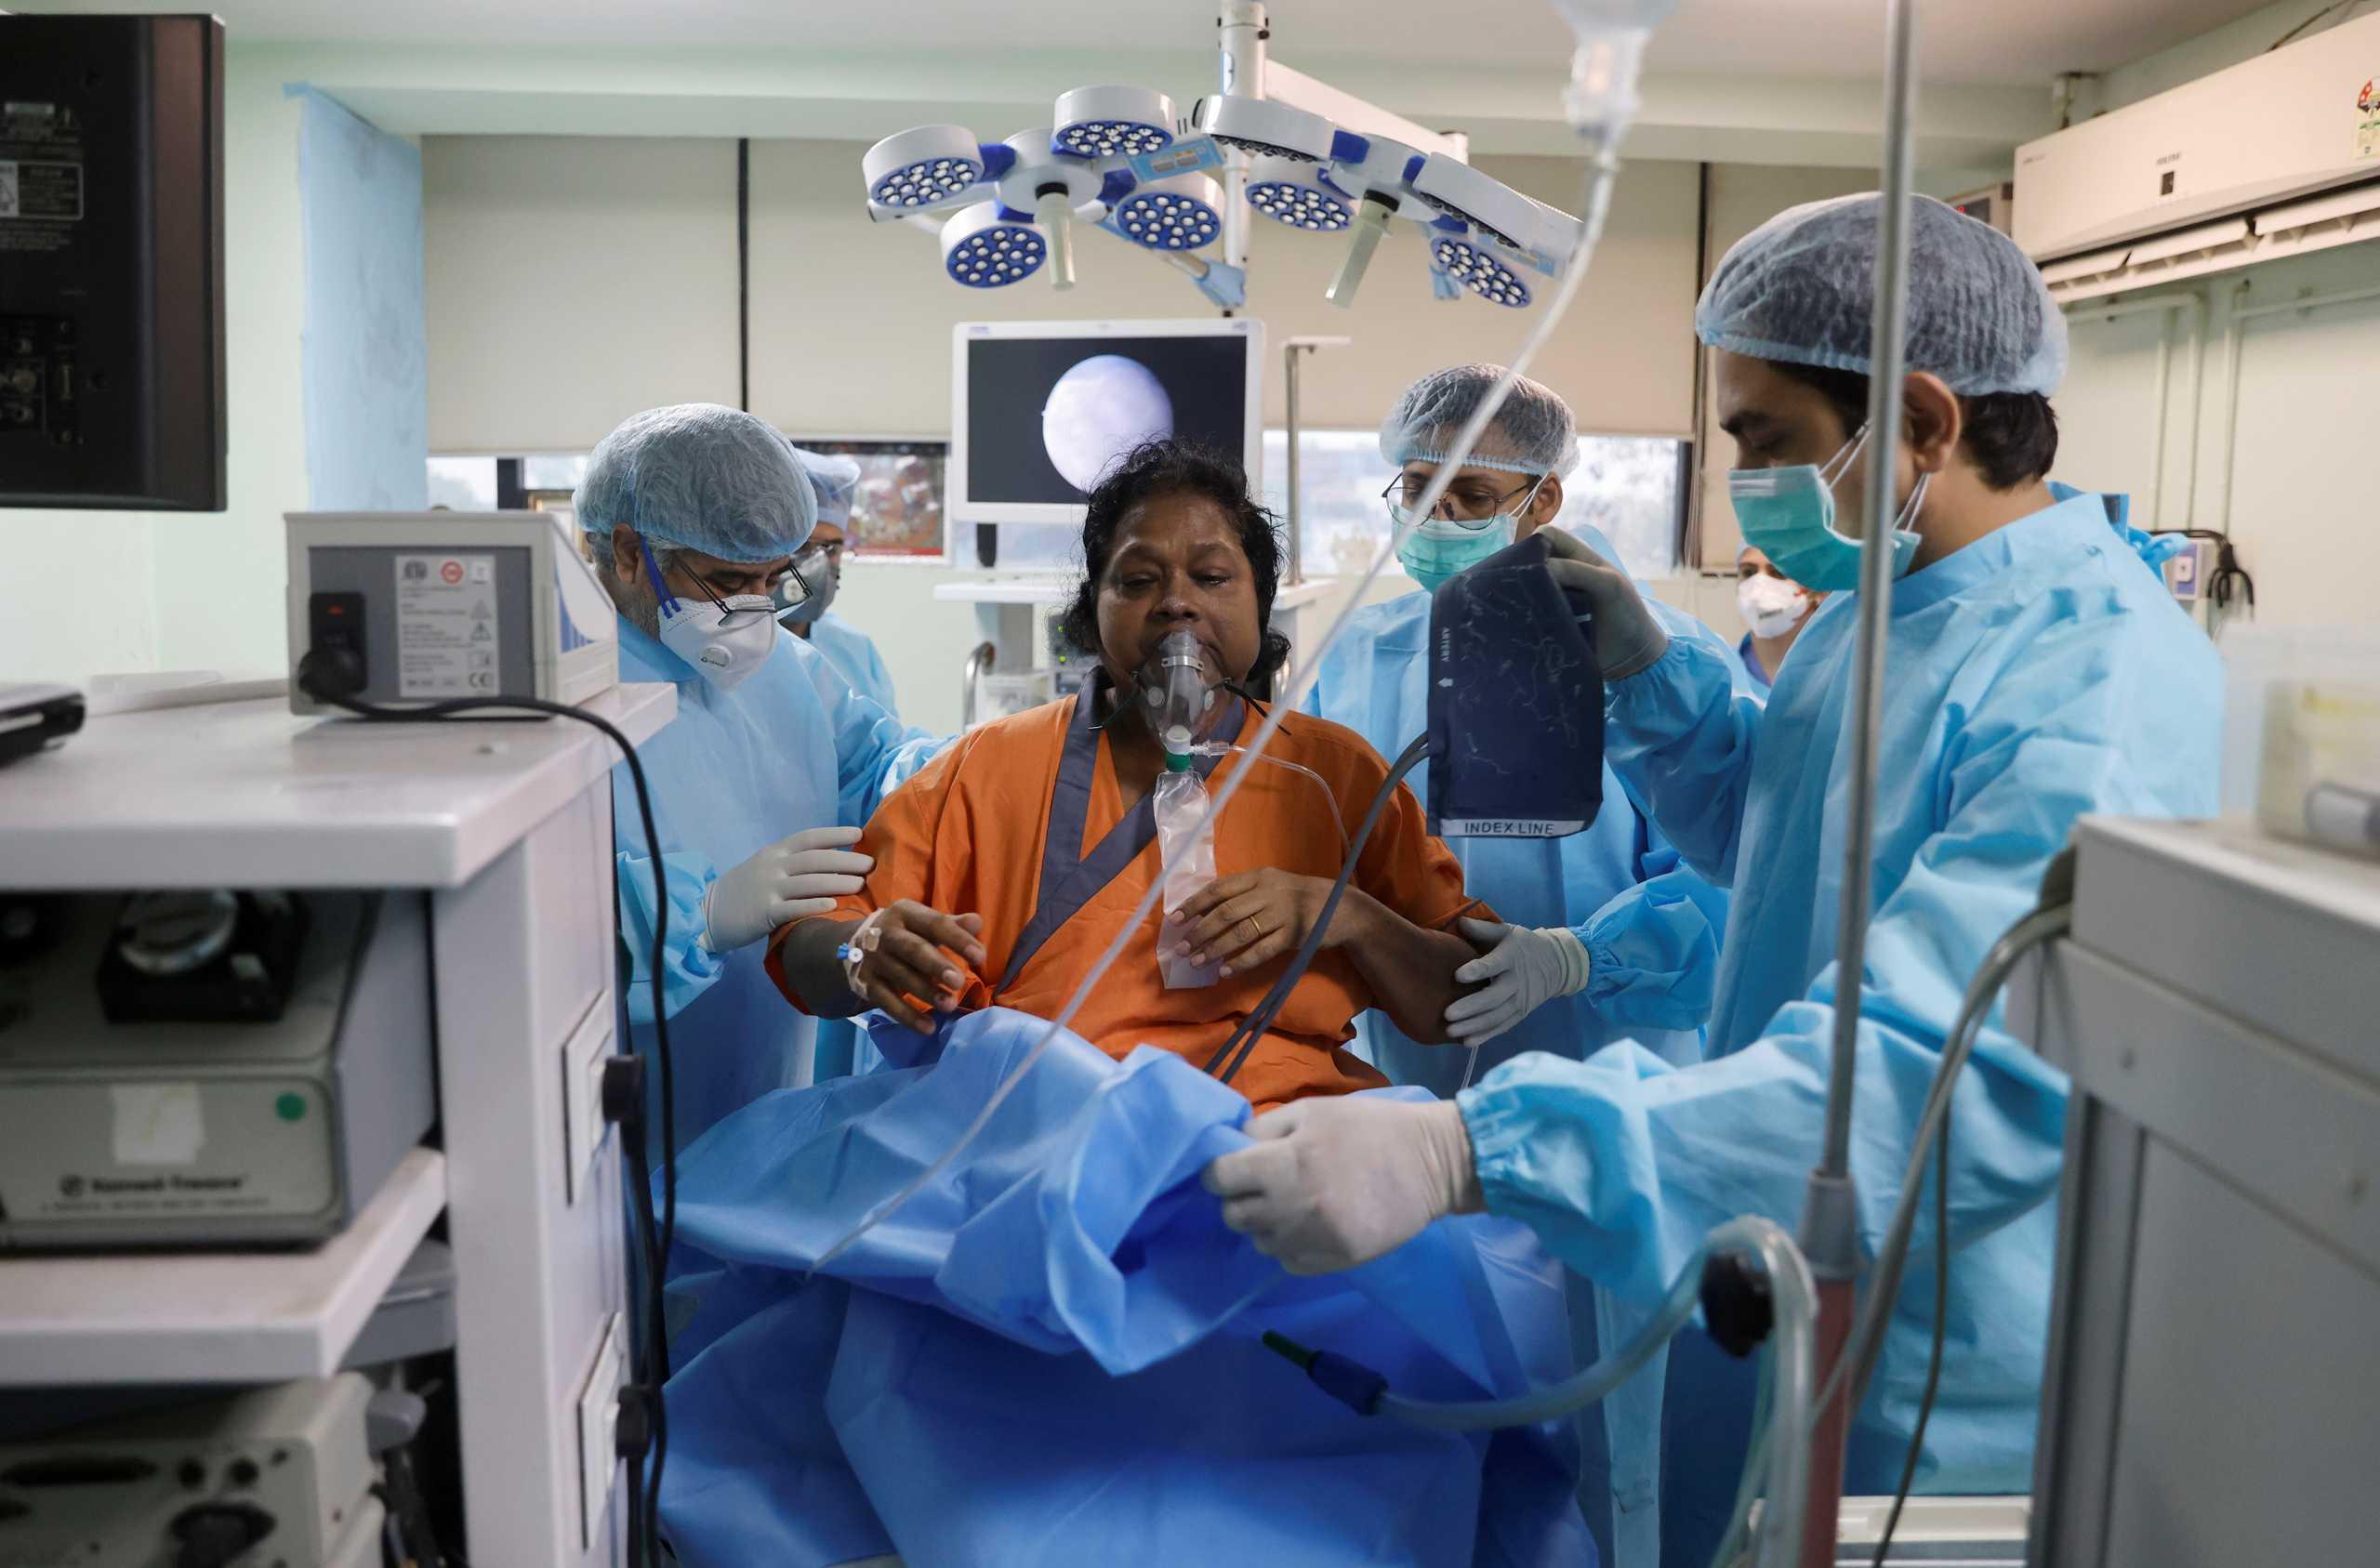 Ινδία: 132.788 κρούσματα κορονοϊού και 3.207 νεκροί το τελευταίο 24ωρο